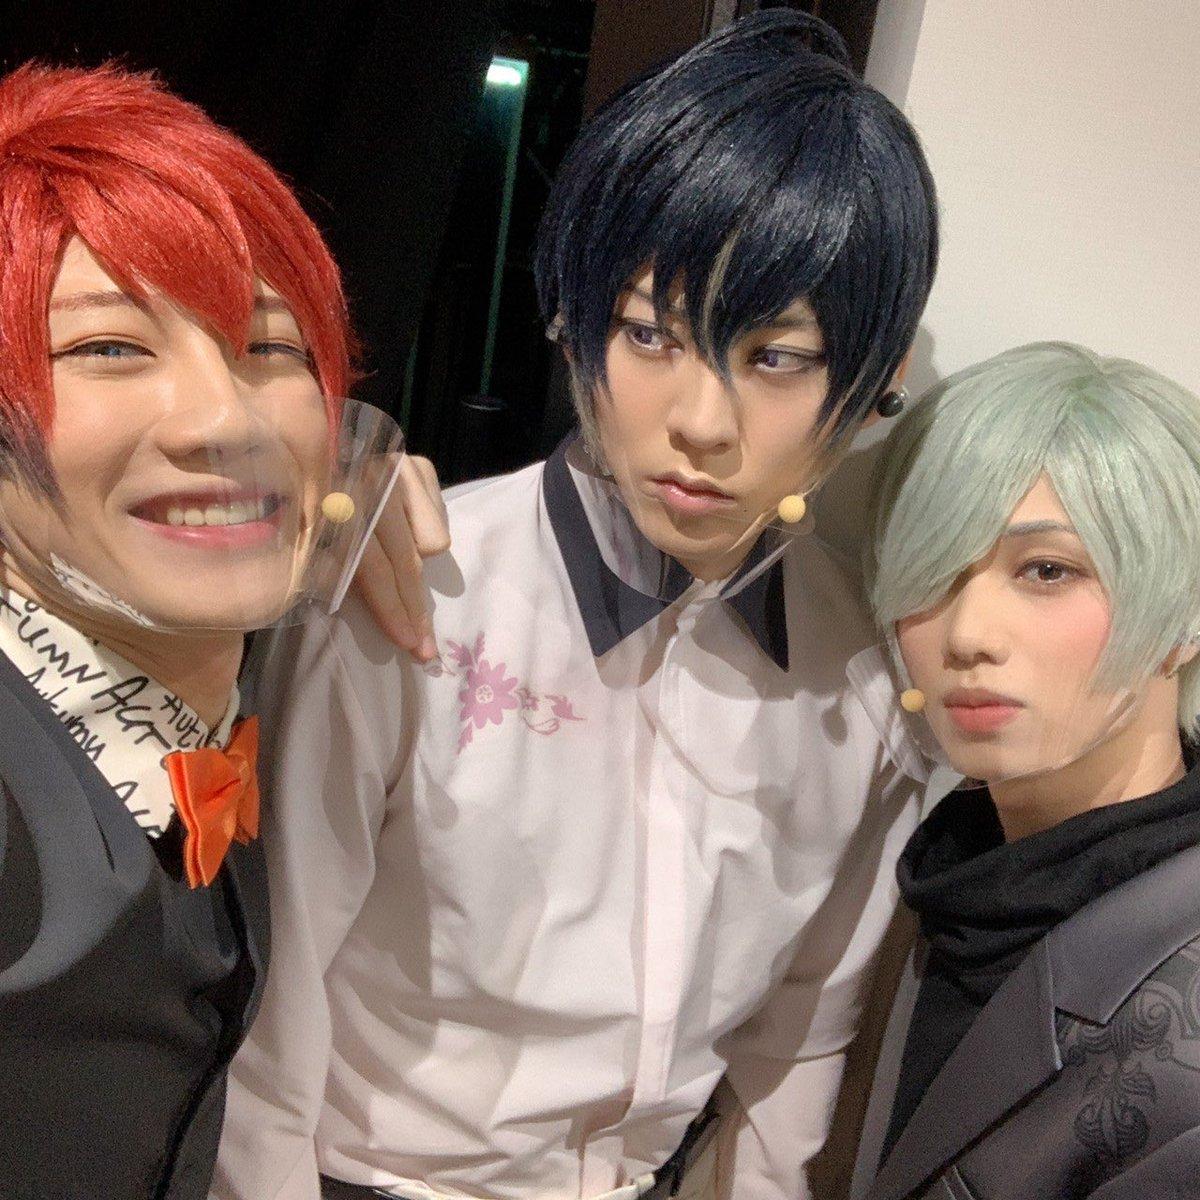 MANKAI STAGE『A3!』〜Four Seasons LIVE 2020〜ご来場誠にありがとうございました!!明日が最終日。楽しみましょう!!